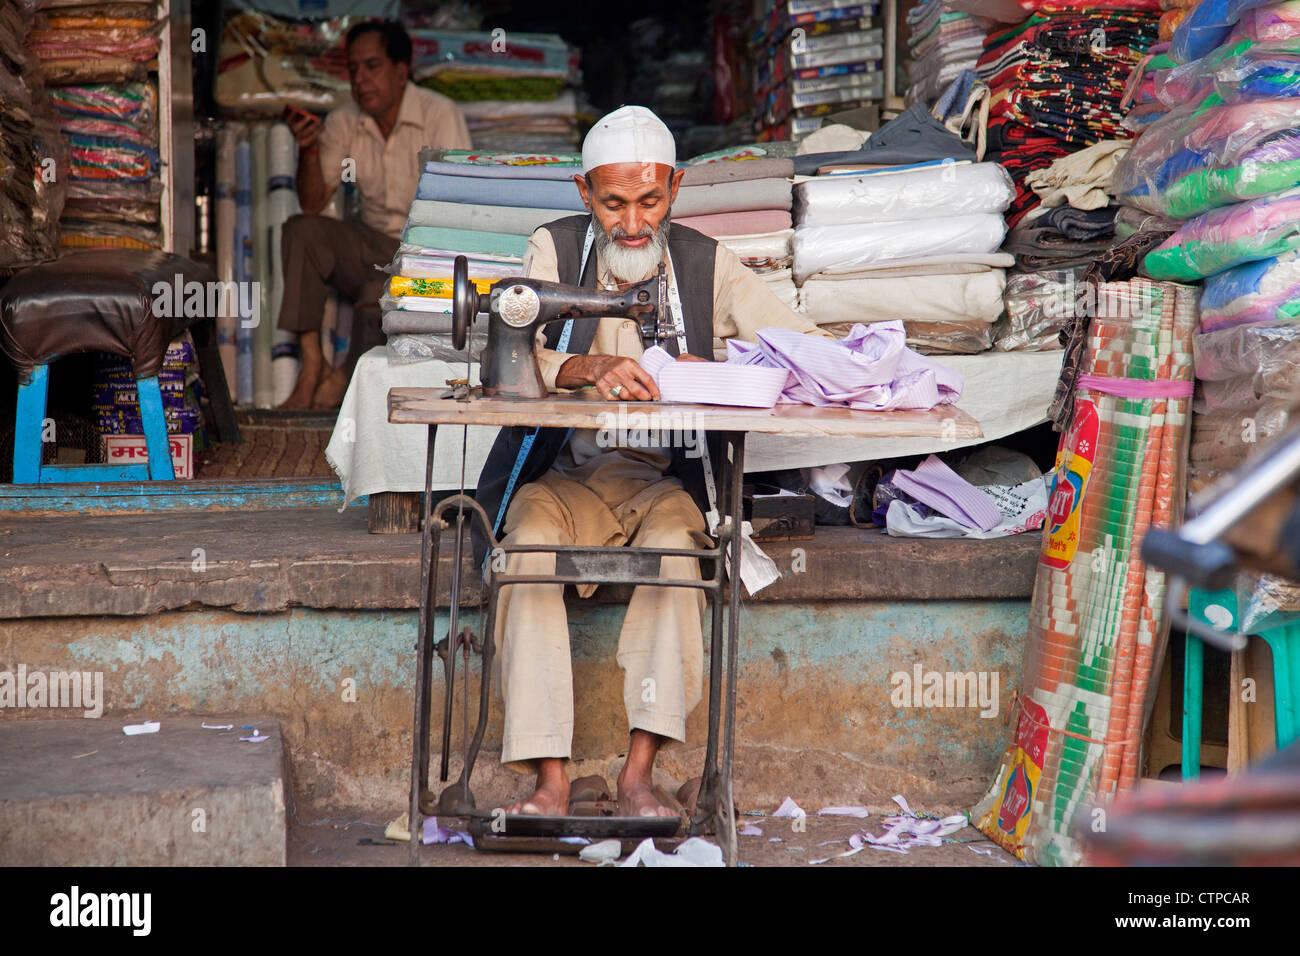 Adaptar la confección de prendas de vestir en la vieja máquina de coser en frente de la sastrería Imagen De Stock